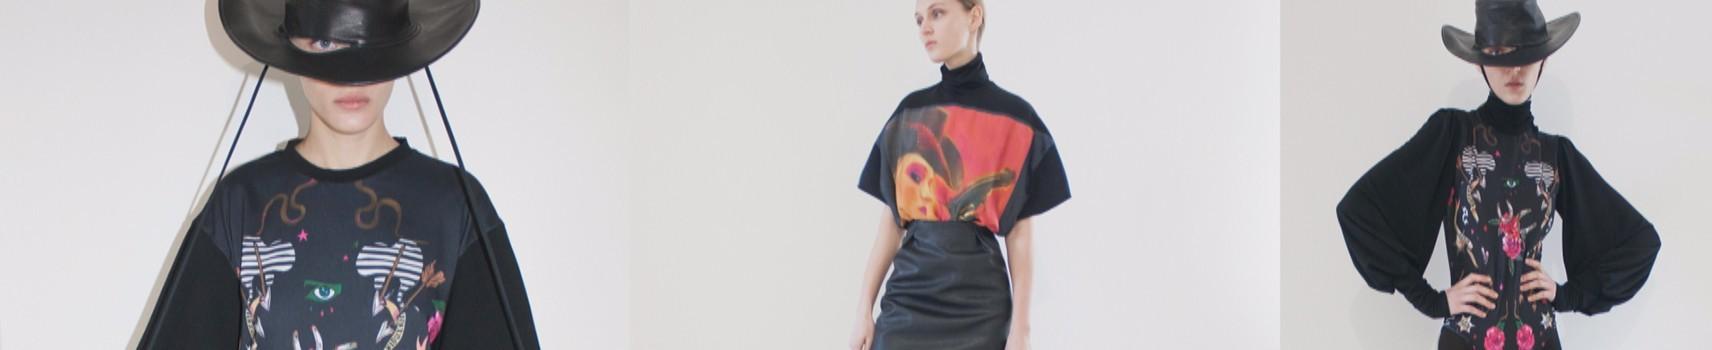 Moda Donna | Abbigliamento - Accessori - Borse - Scarpe | AGEMINA